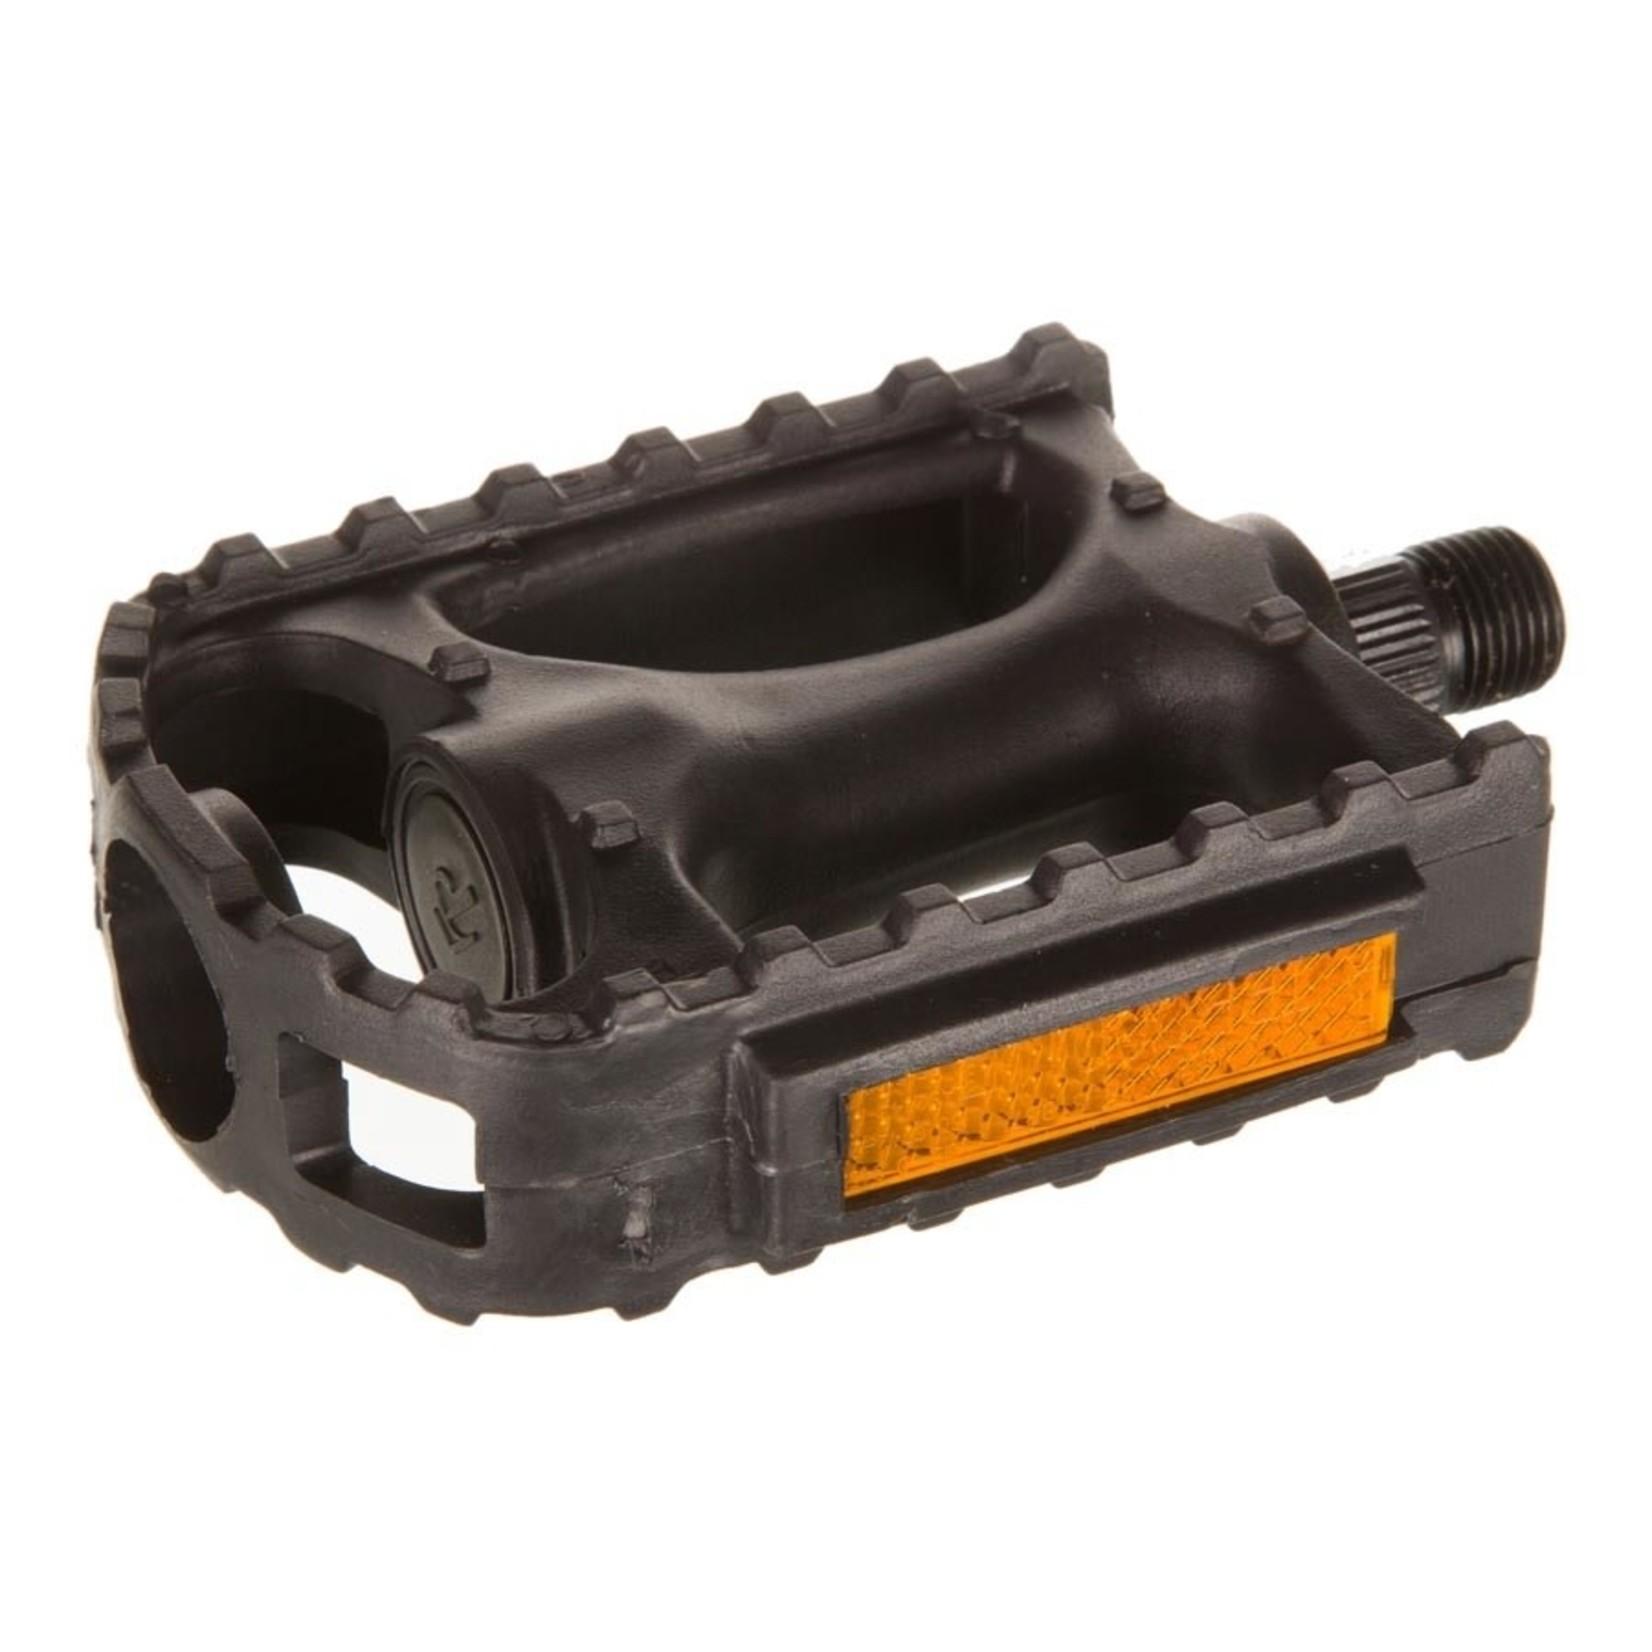 EVO EVO, Swivel Resin, Pedals, 1/2'' axle, Black